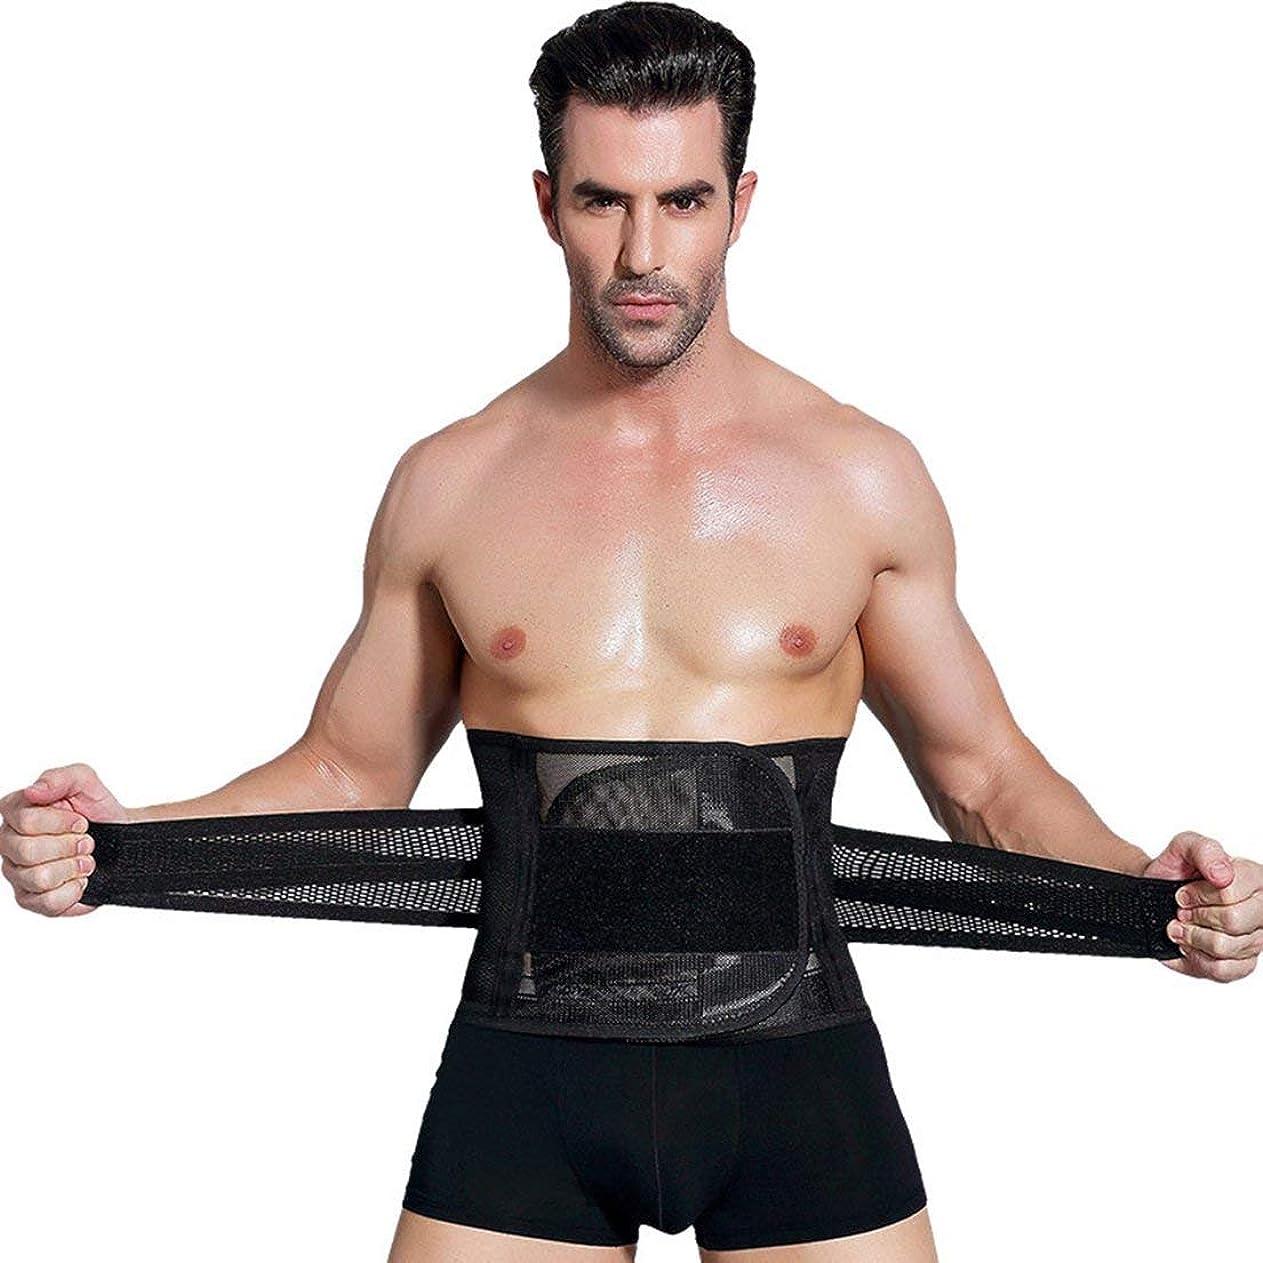 ミリメーター電気陽性ささいな男性ボディシェイパーコルセット腹部おなかコントロールウエストトレーナーニッパー脂肪燃焼ガードル痩身腹ベルト用男性 - ブラックXXL